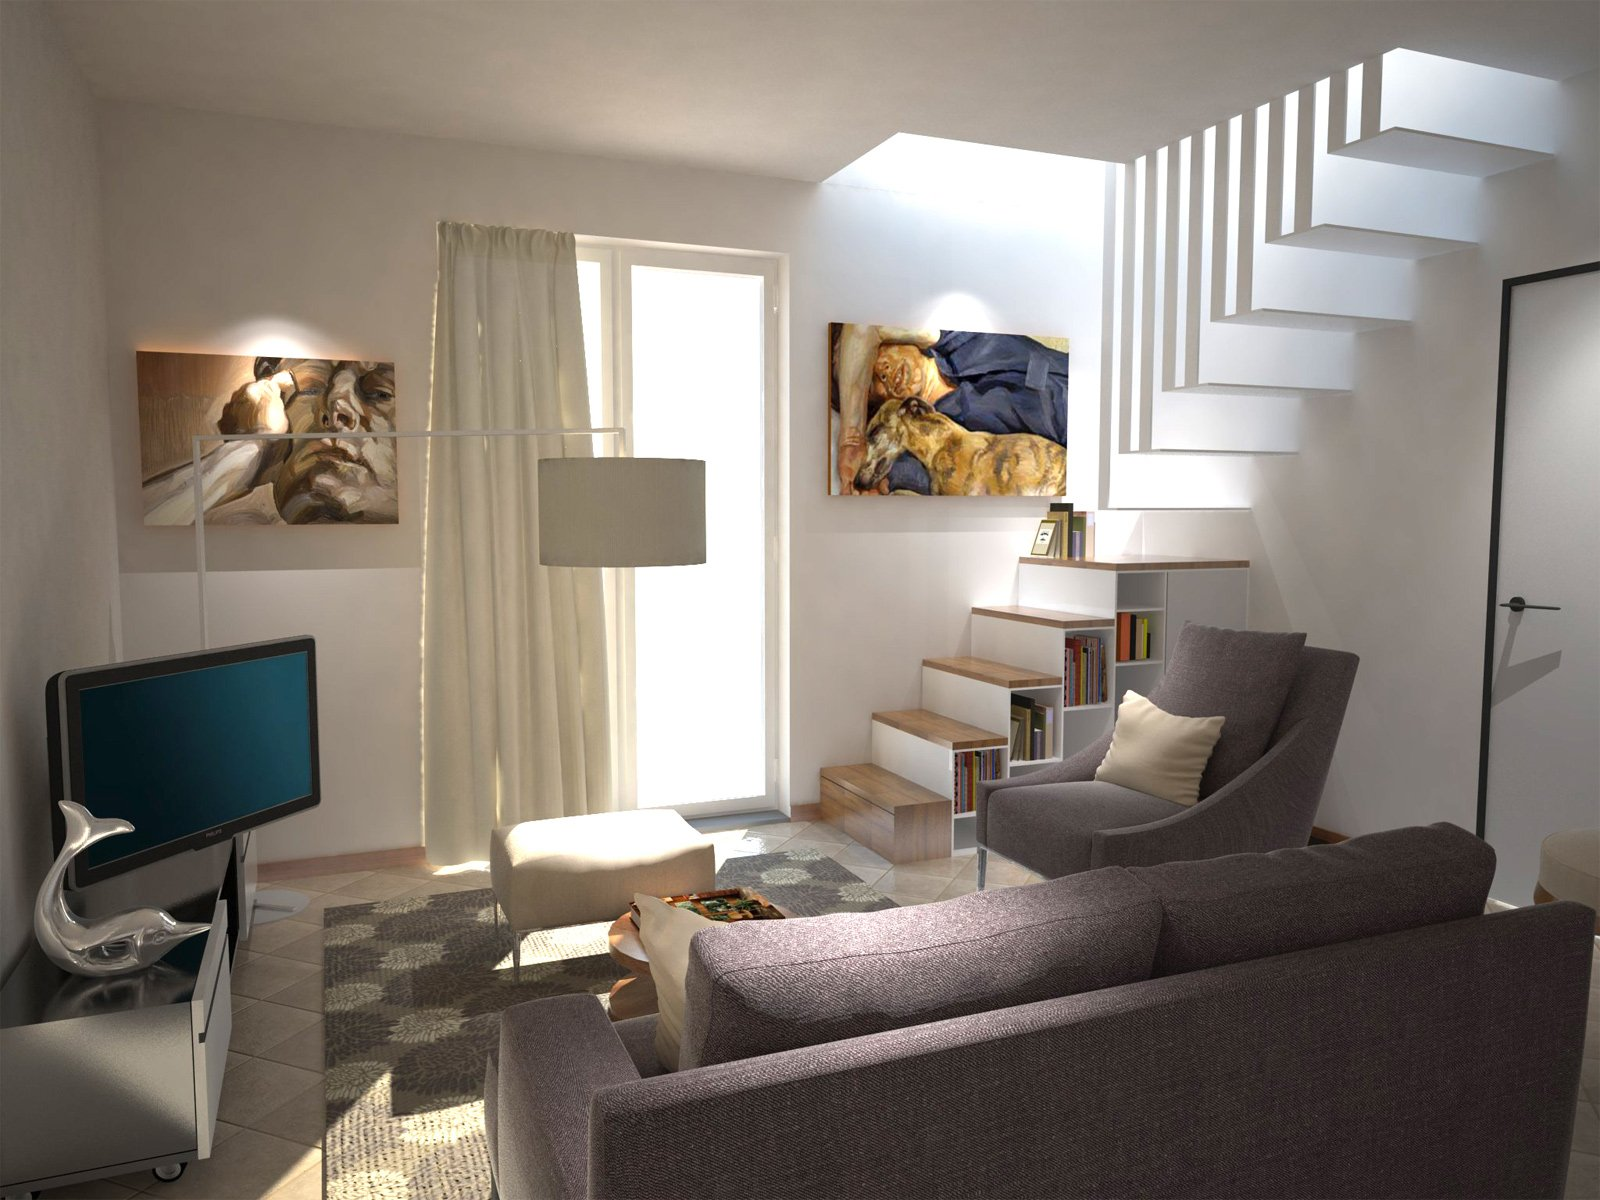 Arredare un soggiorno con tante aperture sulle pareti for Salotto e soggiorno